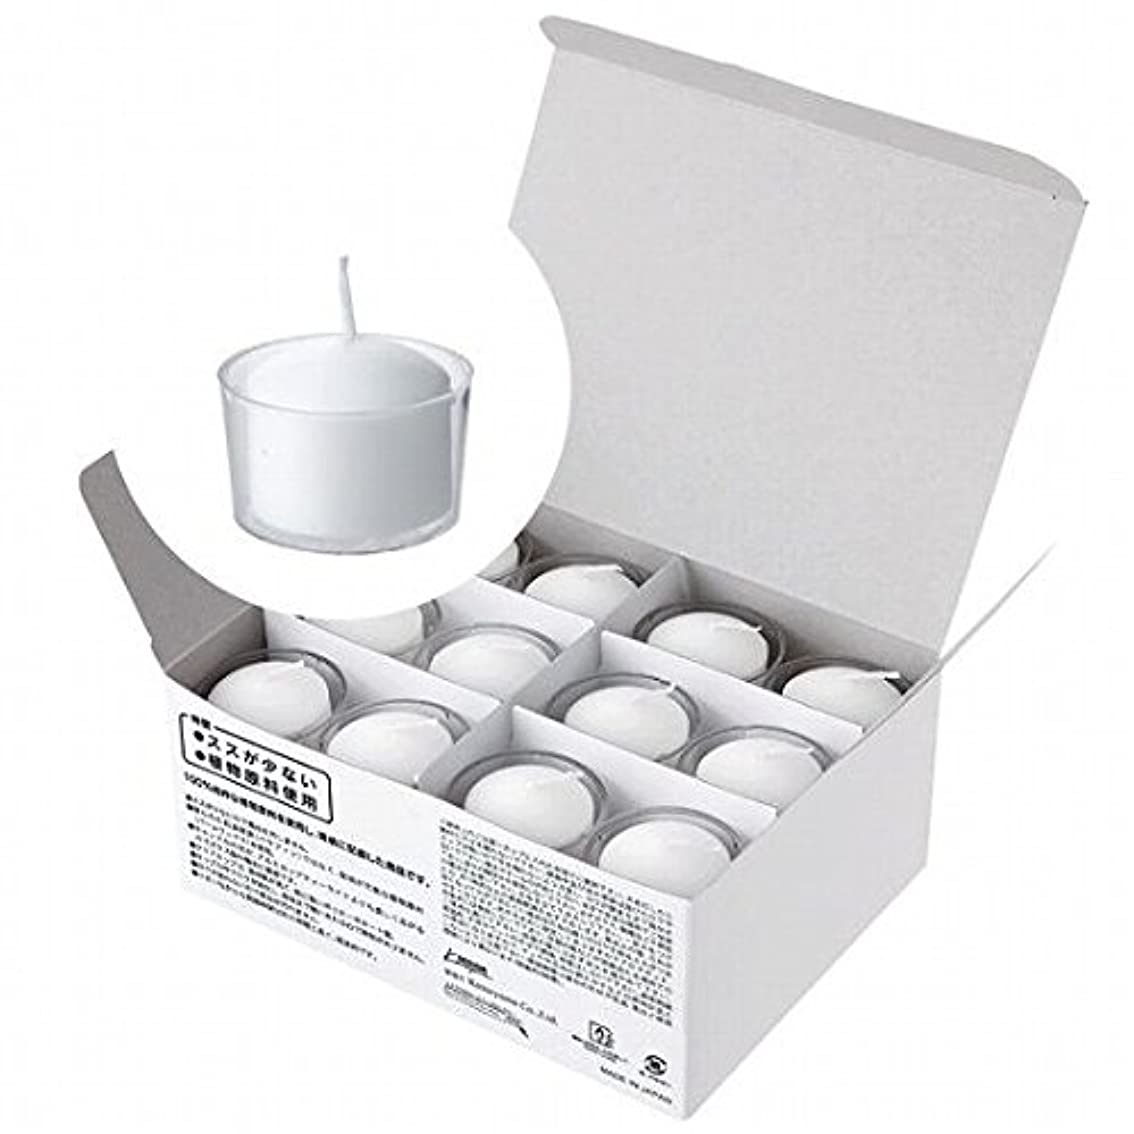 事件、出来事休憩する良性kameyama candle(カメヤマキャンドル) クレア 5時間タイプ24個入り【ススが出にくいキャンドル】「 ホワイト 」(A8165524W)